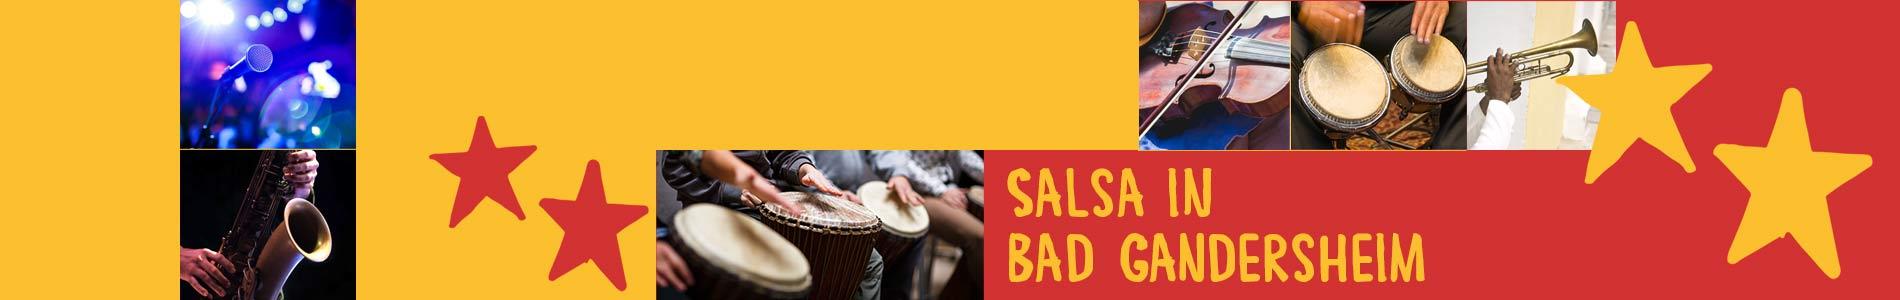 Salsa in Bad Gandersheim – Salsa lernen und tanzen, Tanzkurse, Partys, Veranstaltungen